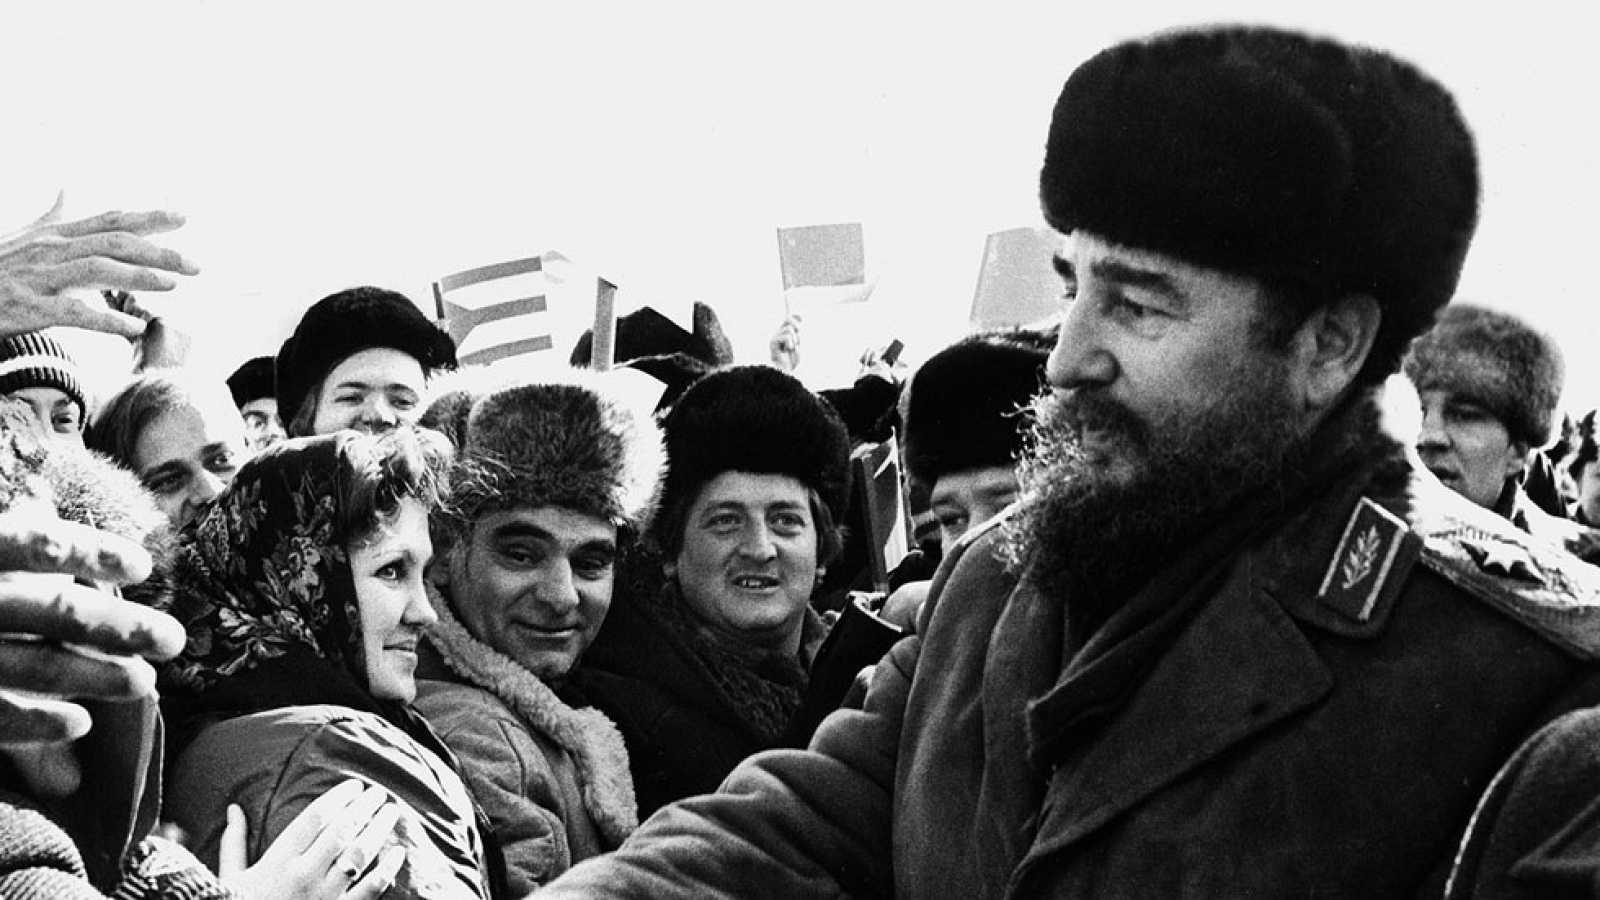 Las relaciones entre Cuba y la URSS: de estrechos colaboradores al enfriamiento